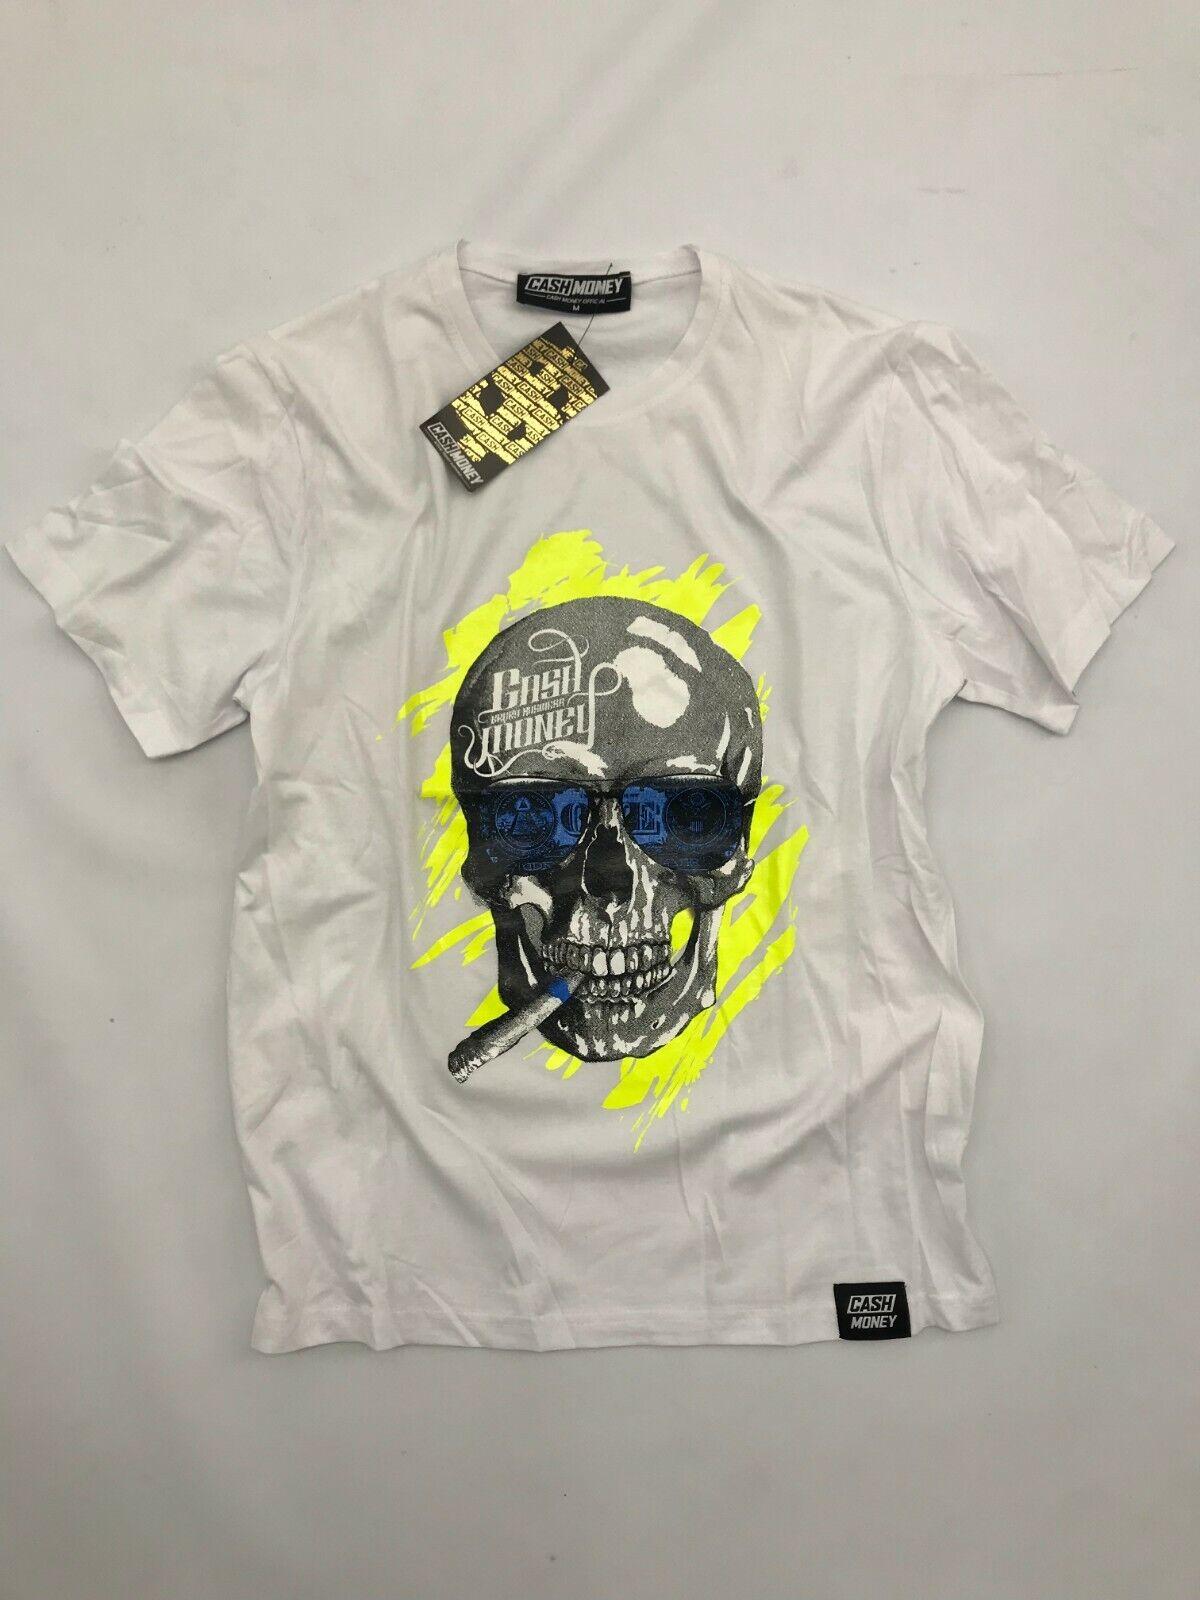 40181278 Cash Money Herren T-Shirt Skull Print Kurzarm Shirt weiss schwarz gelb